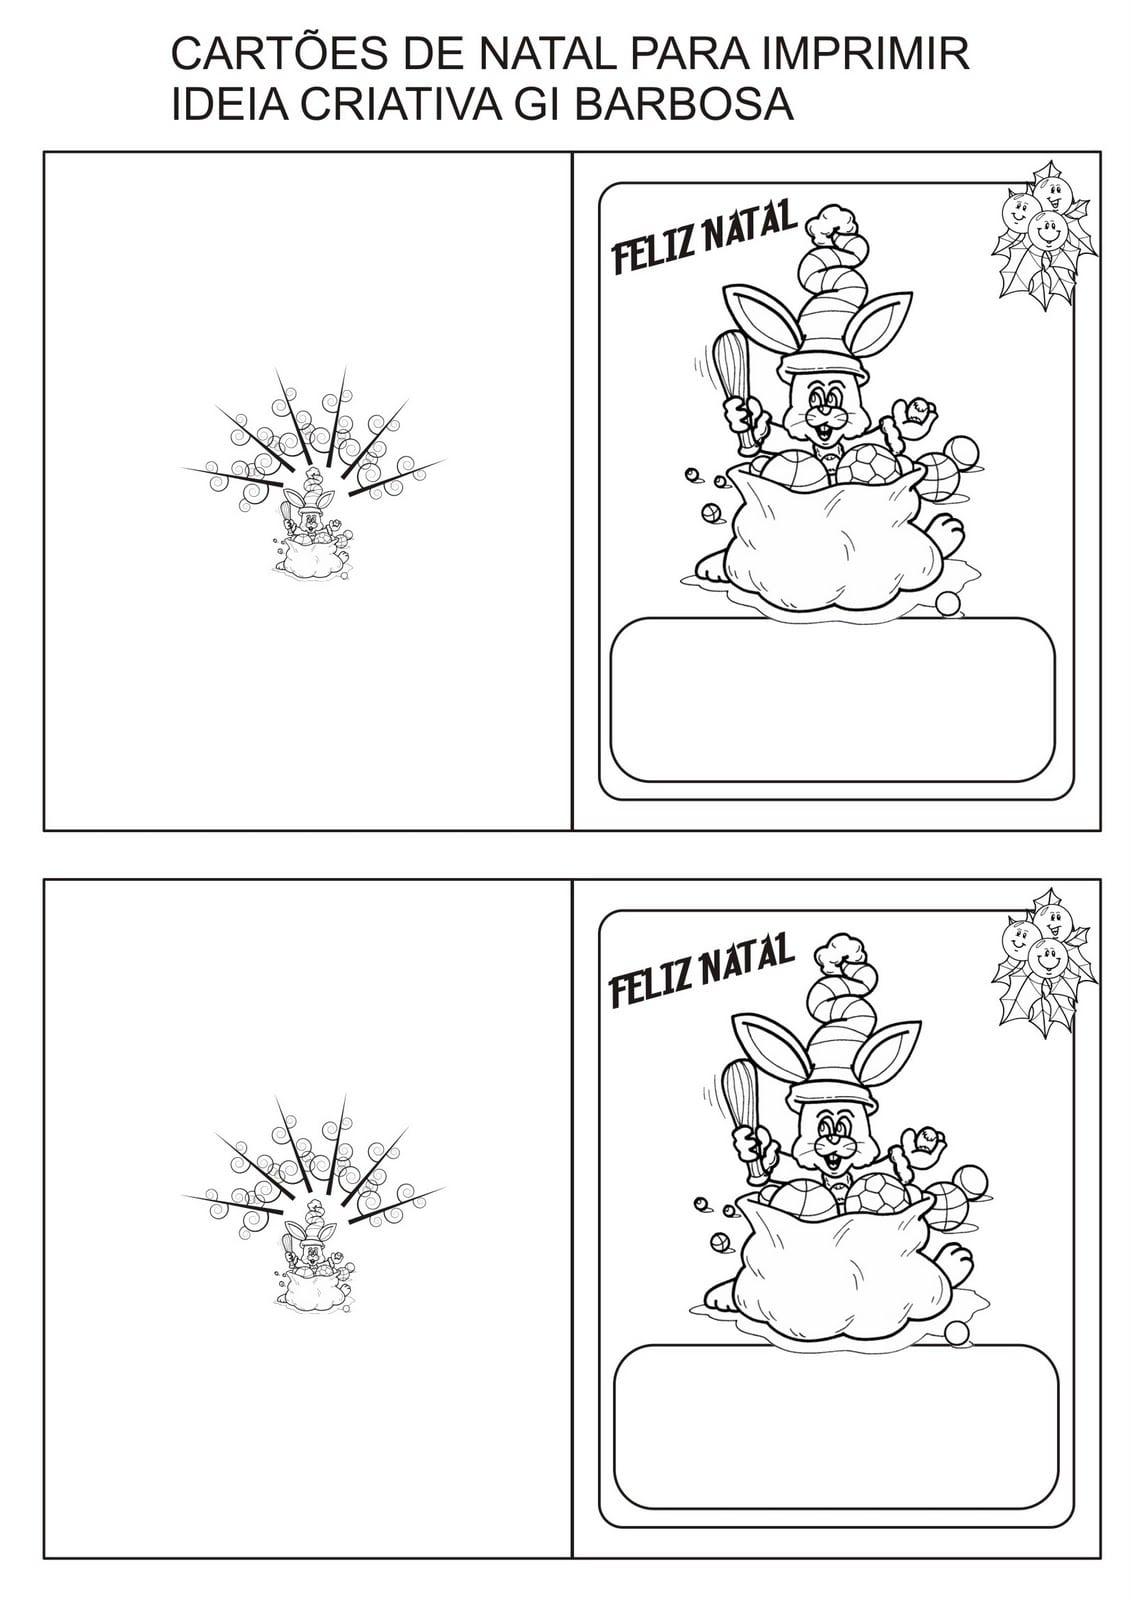 Cartão De Natal Imprimir